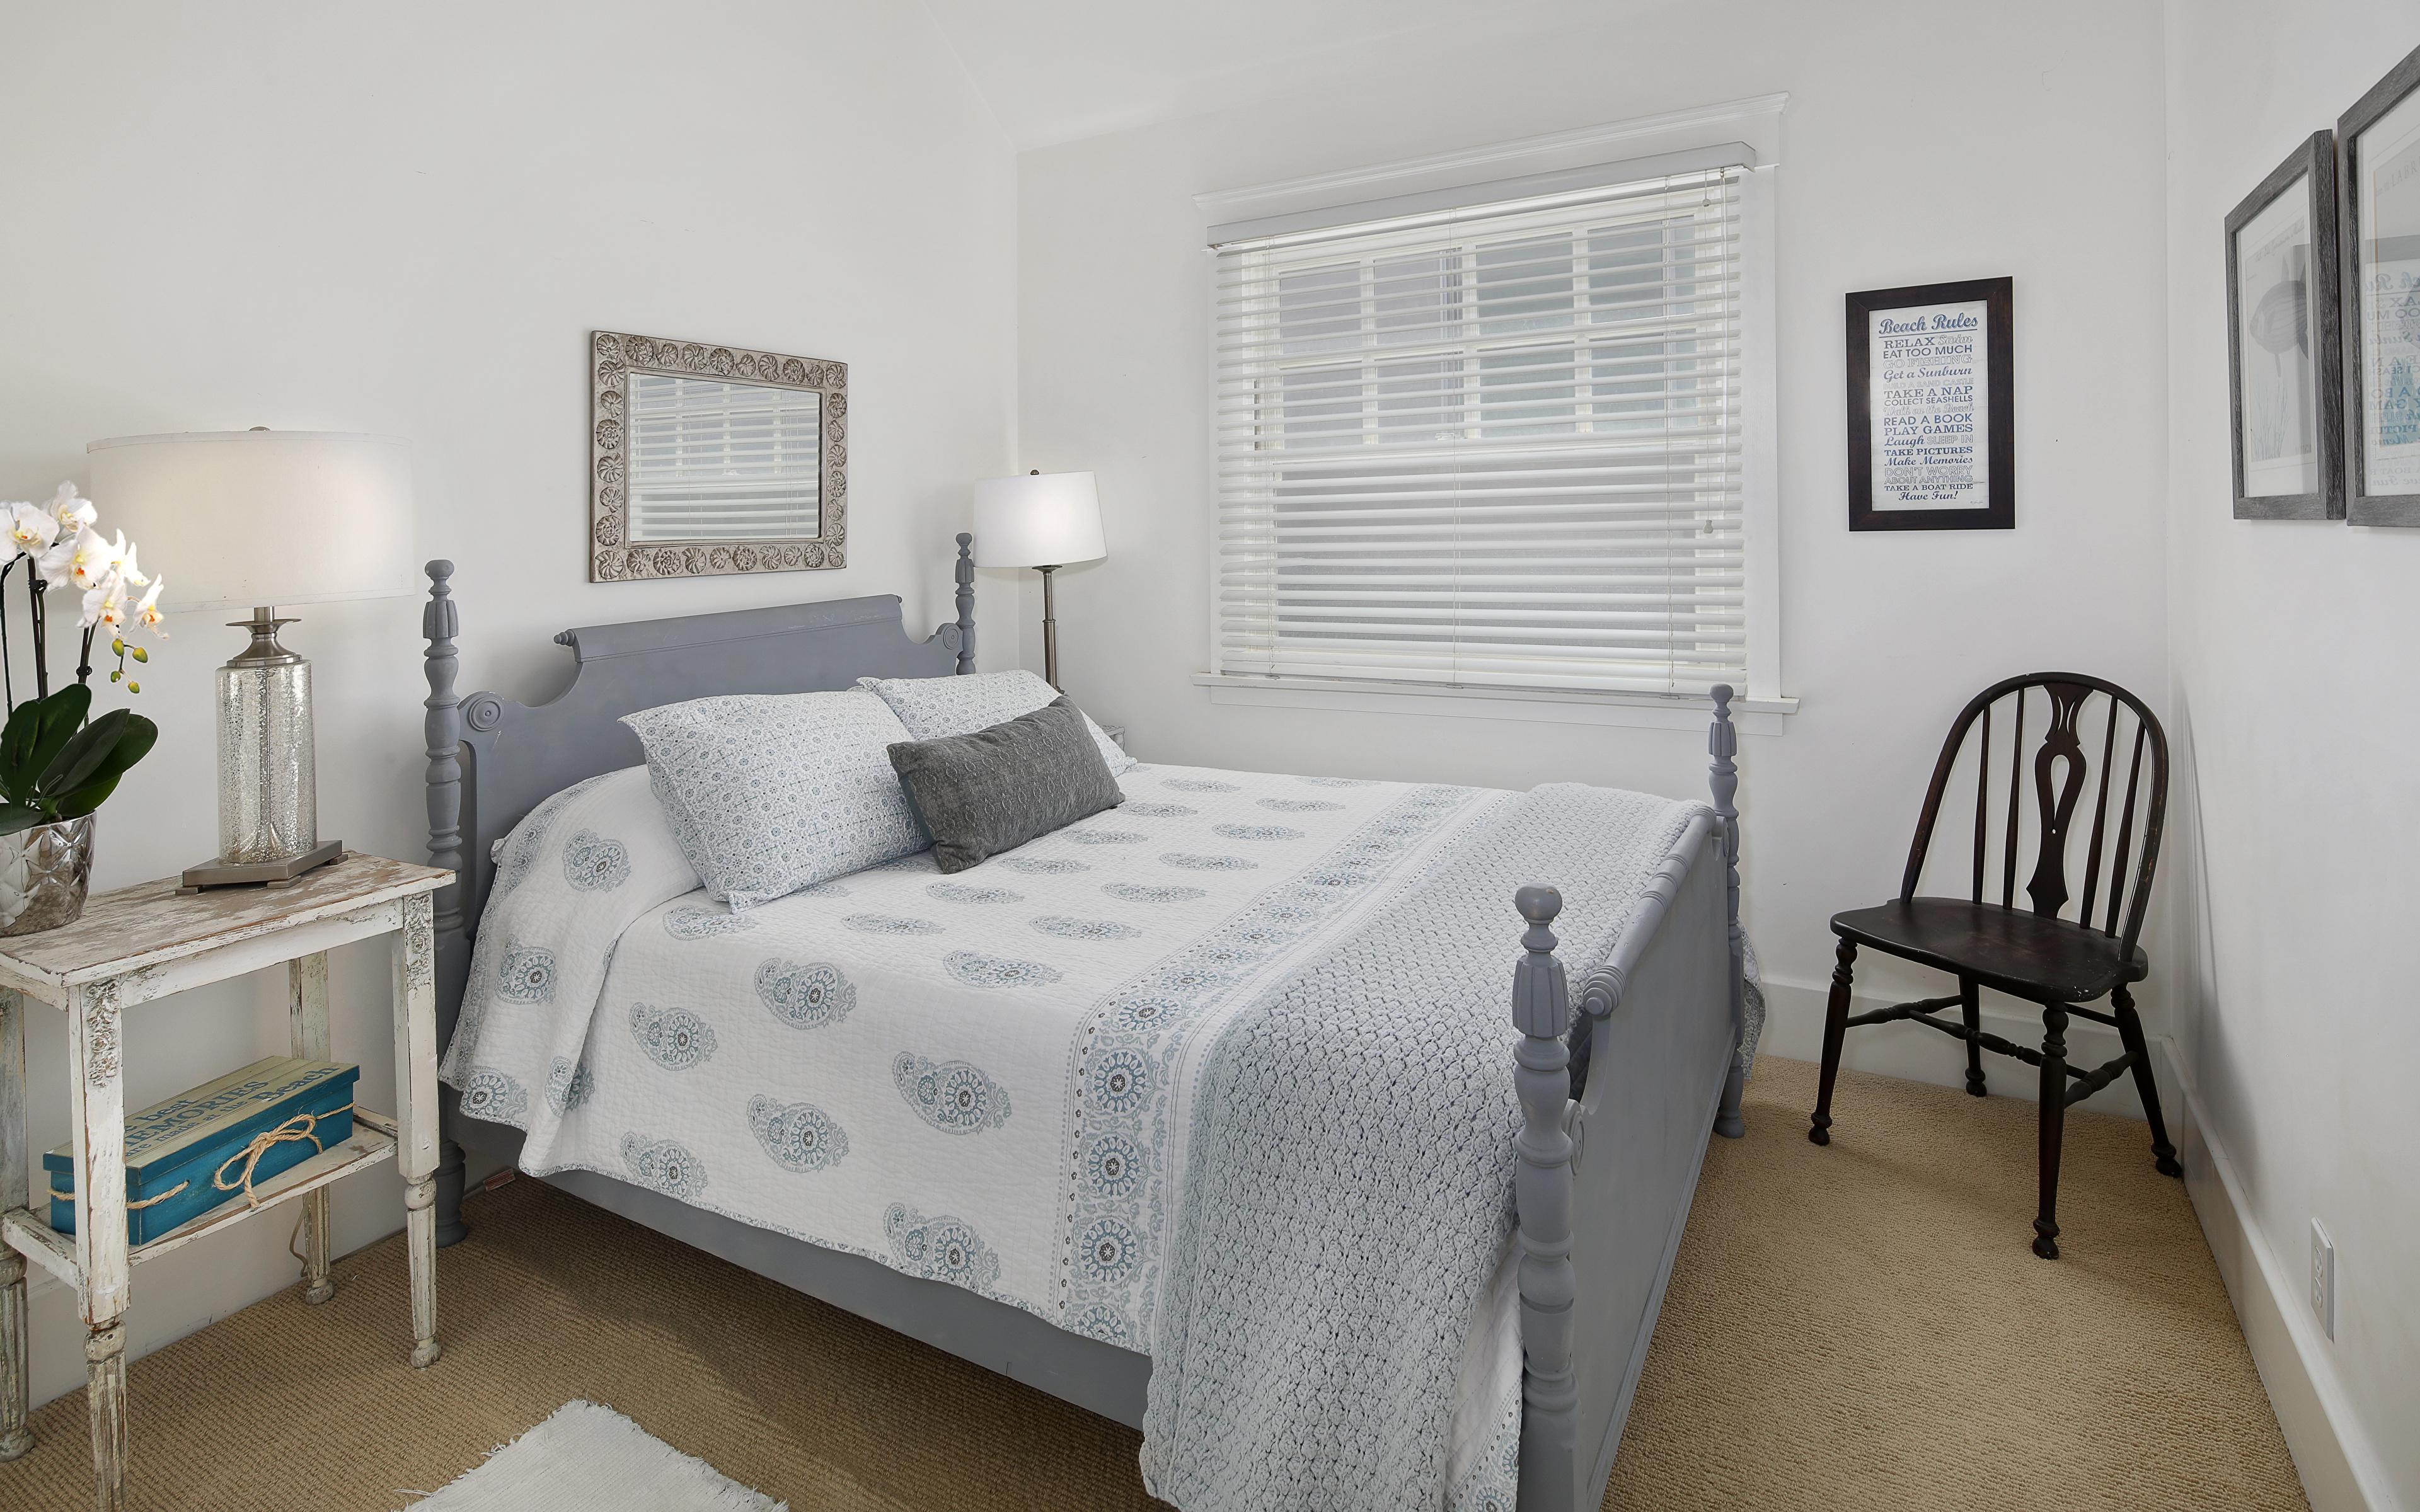 Fotos von Schlafzimmer Innenarchitektur Bett Lampe Stühle 14x14